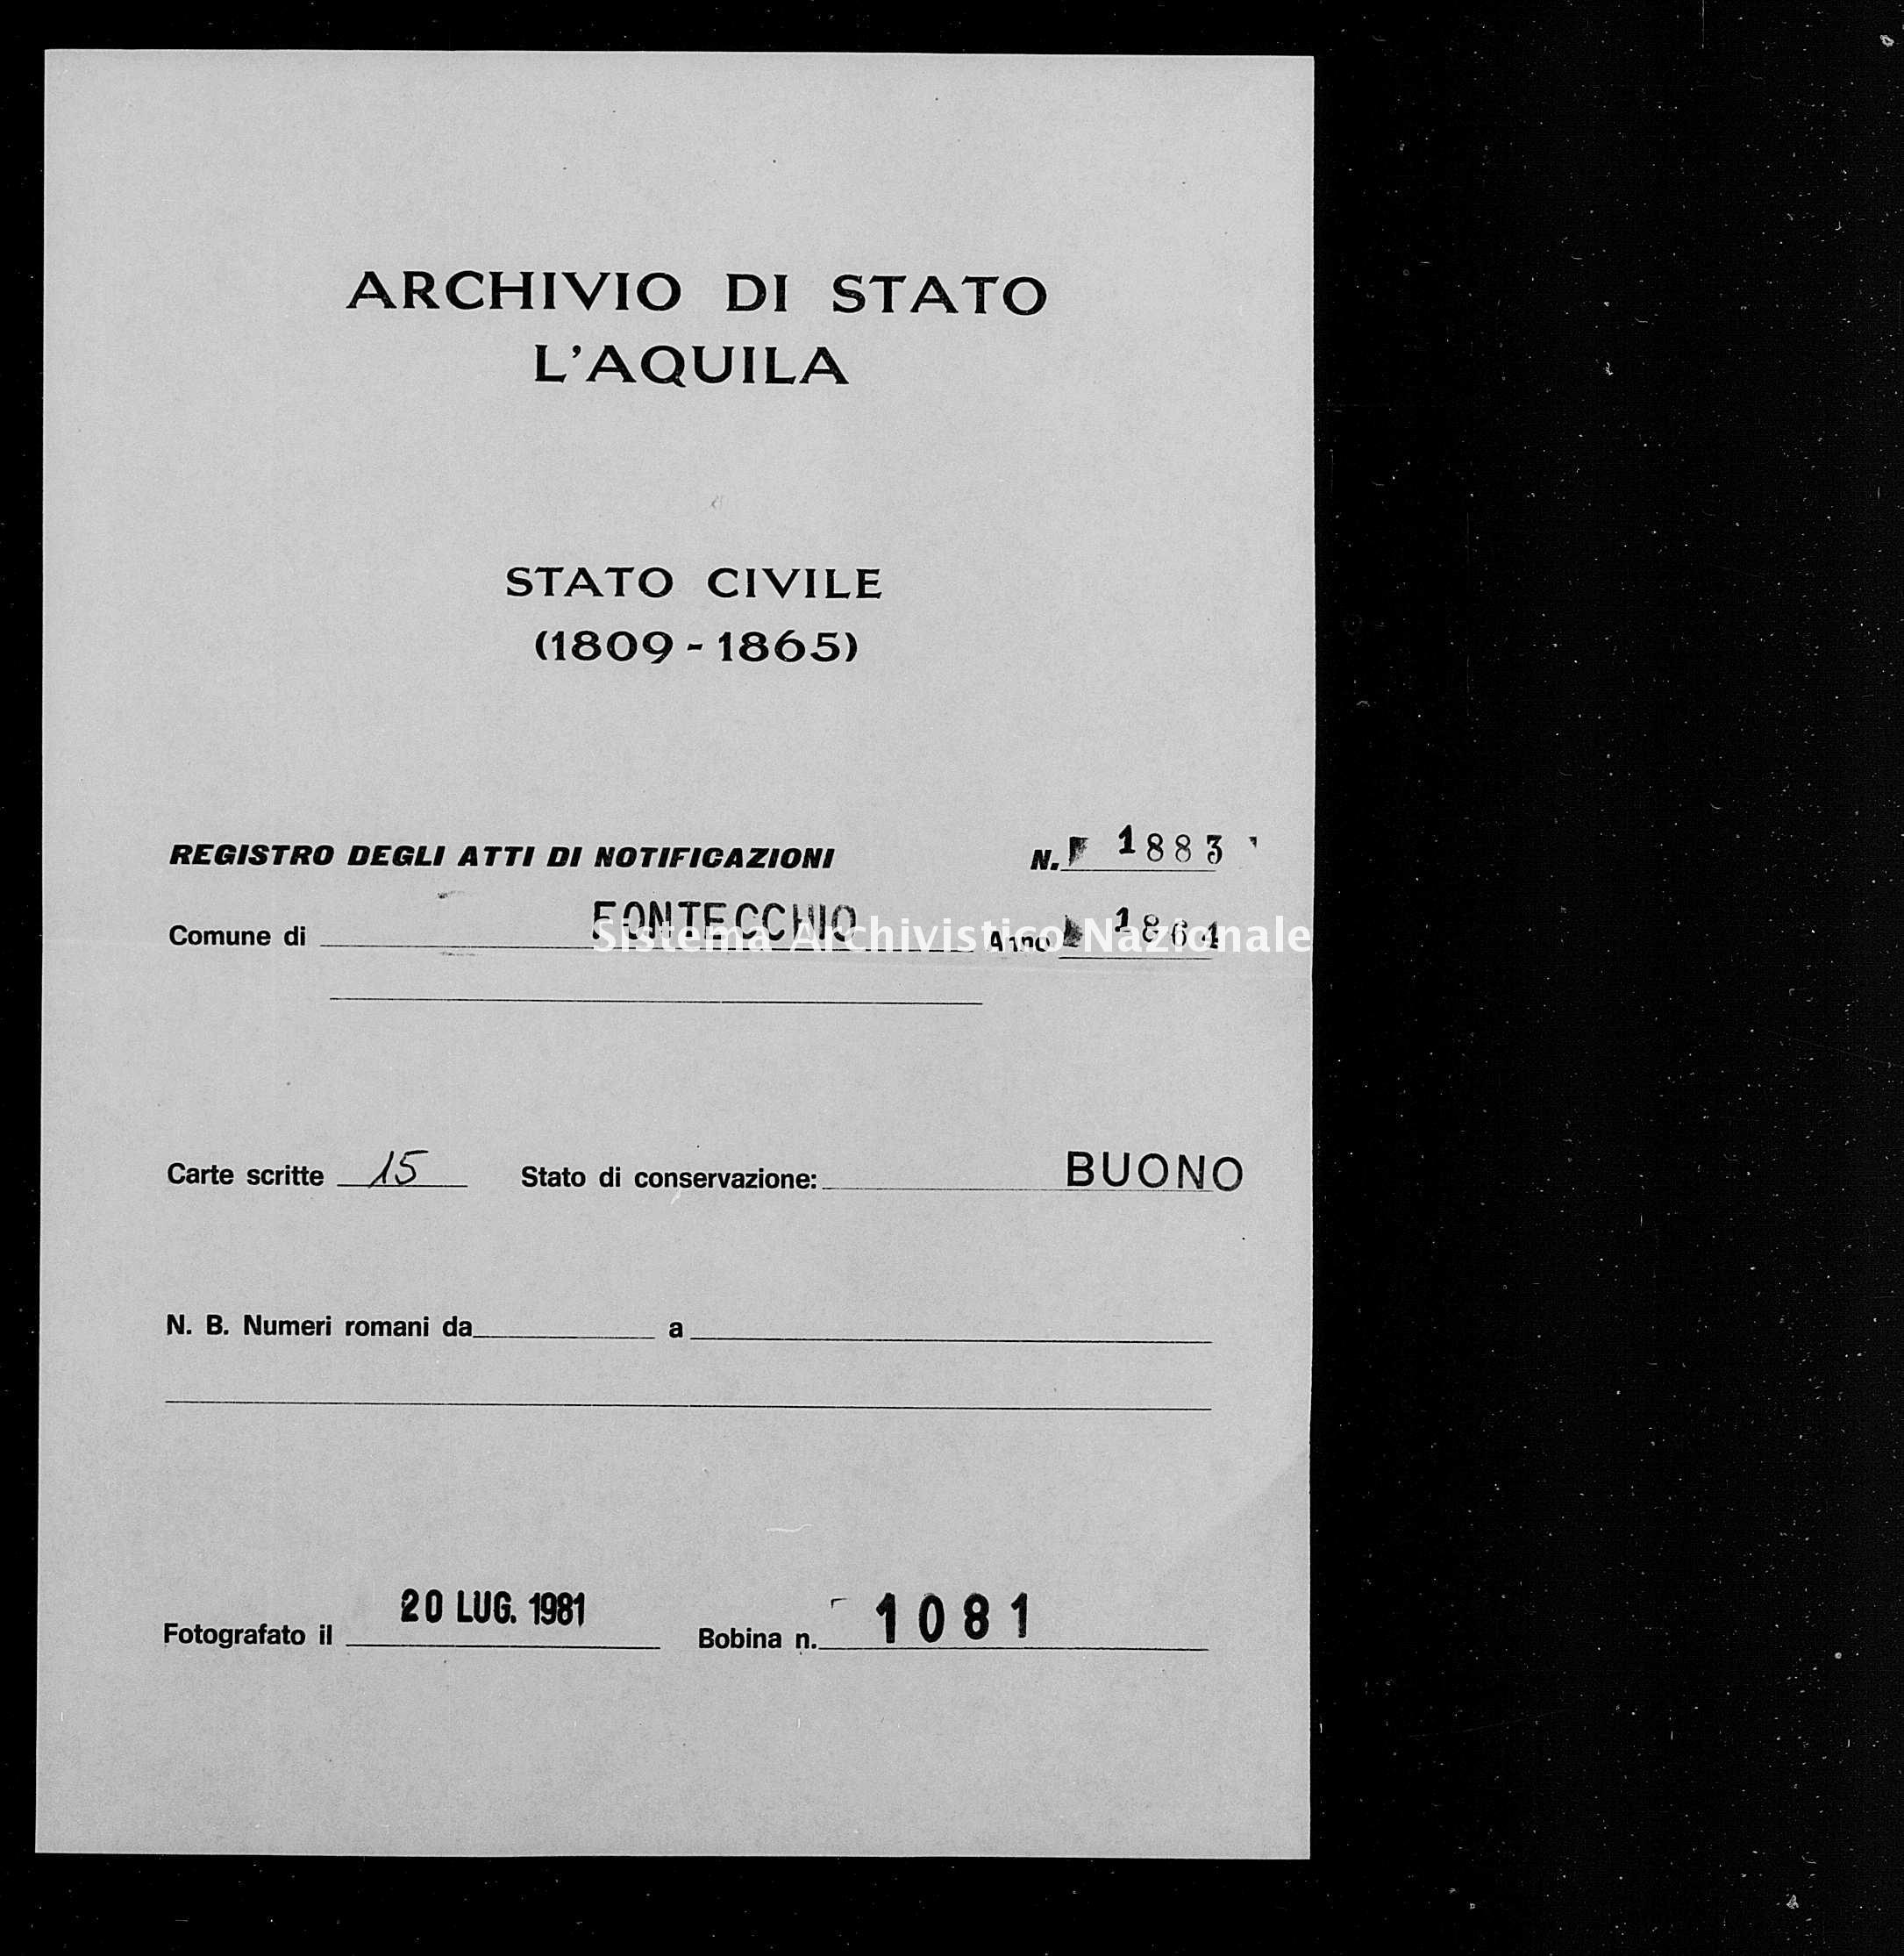 Archivio di stato di L'aquila - Stato civile italiano - Fontecchio - Matrimoni, memorandum notificazioni ed opposizioni - 1864 - 1883 -